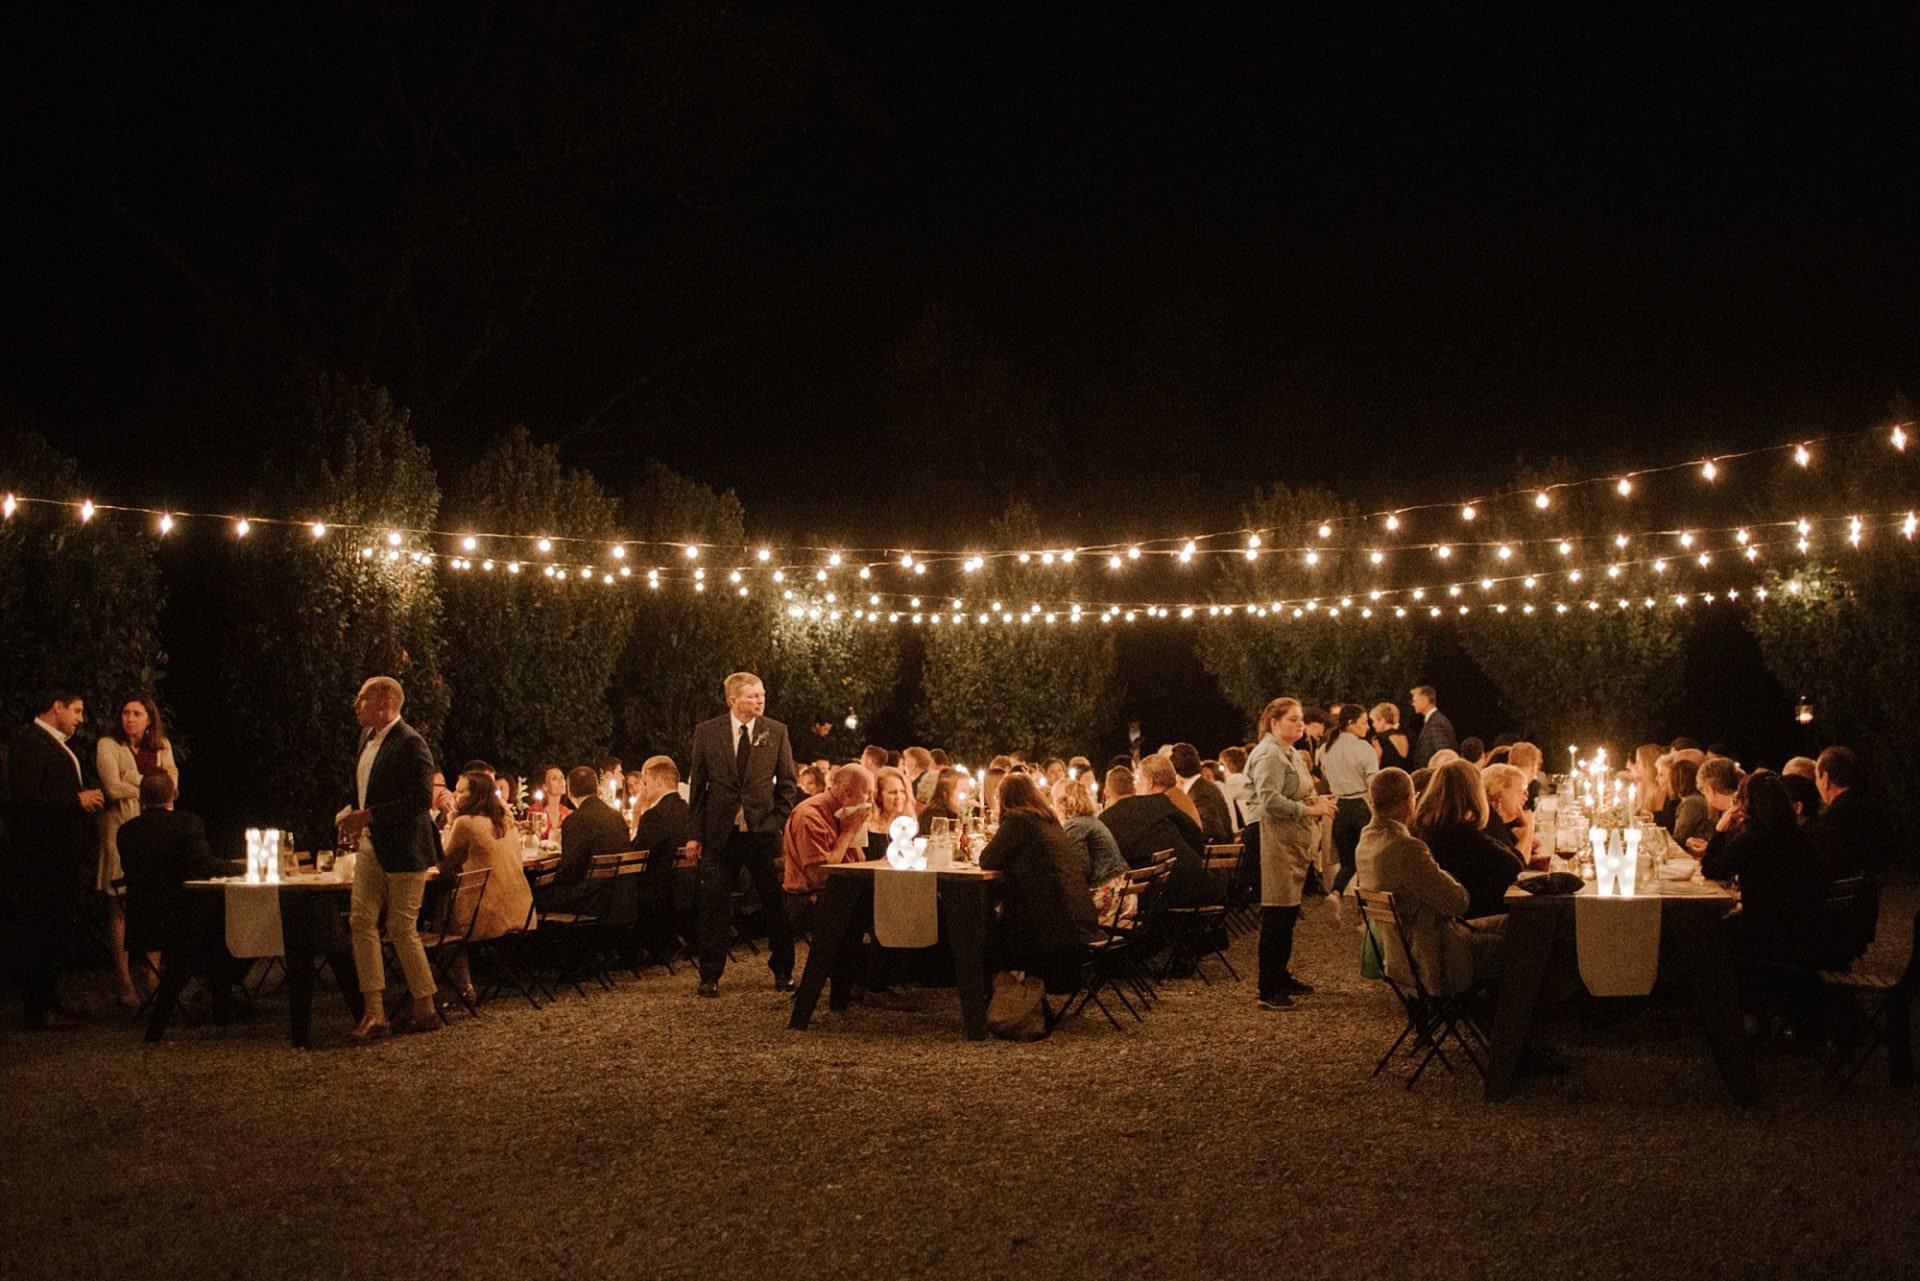 El fresco dinner scene at M & D Farm